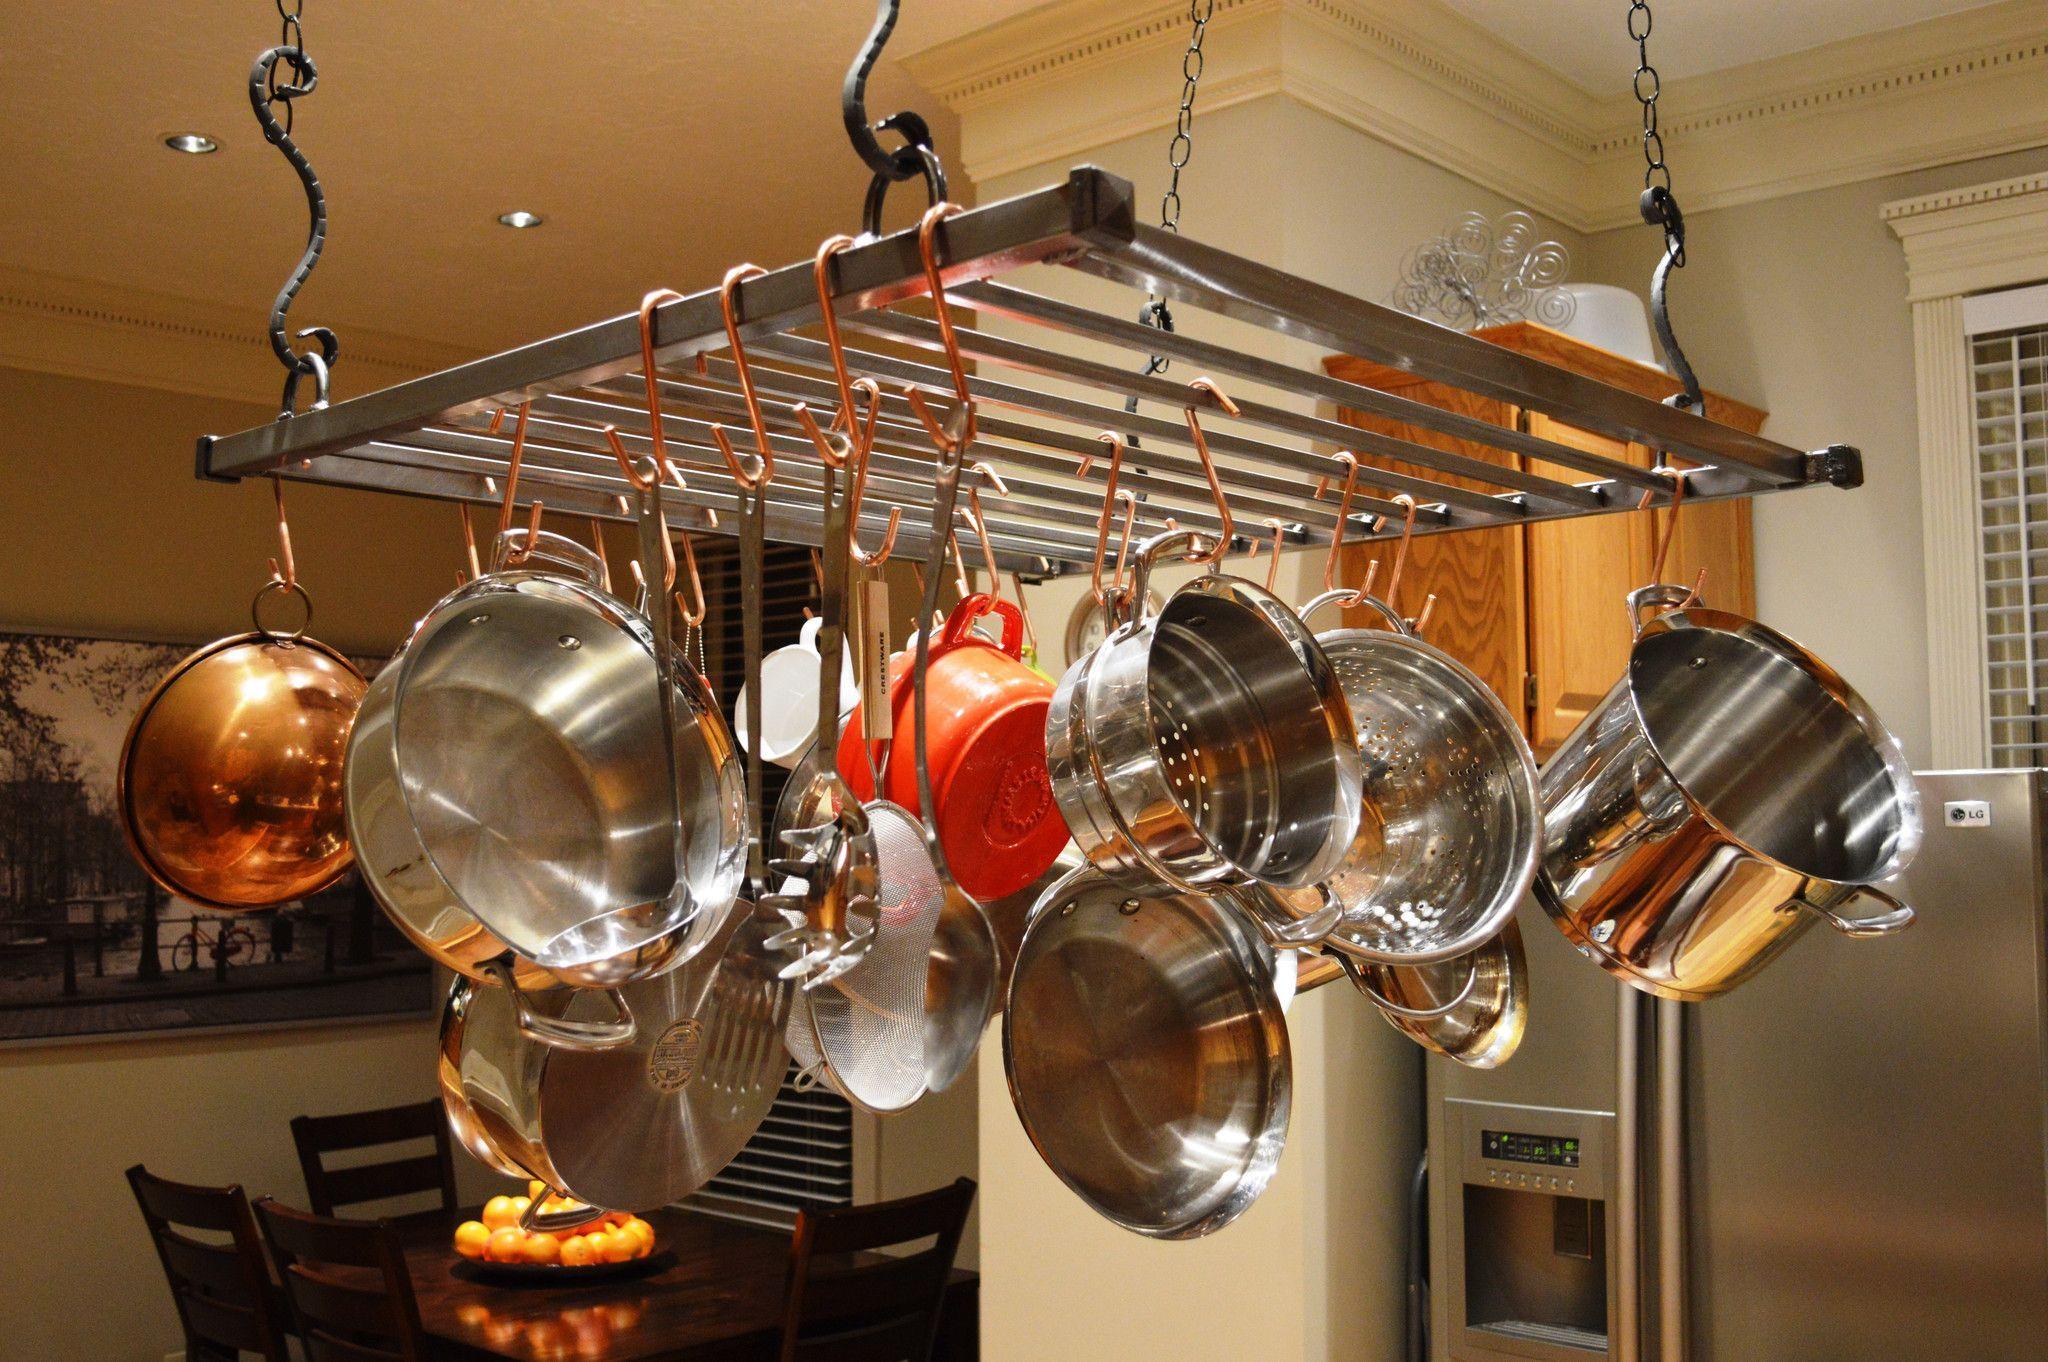 Modern Hanging Pot Rack - Large | Pot rack hanging, Pot ...